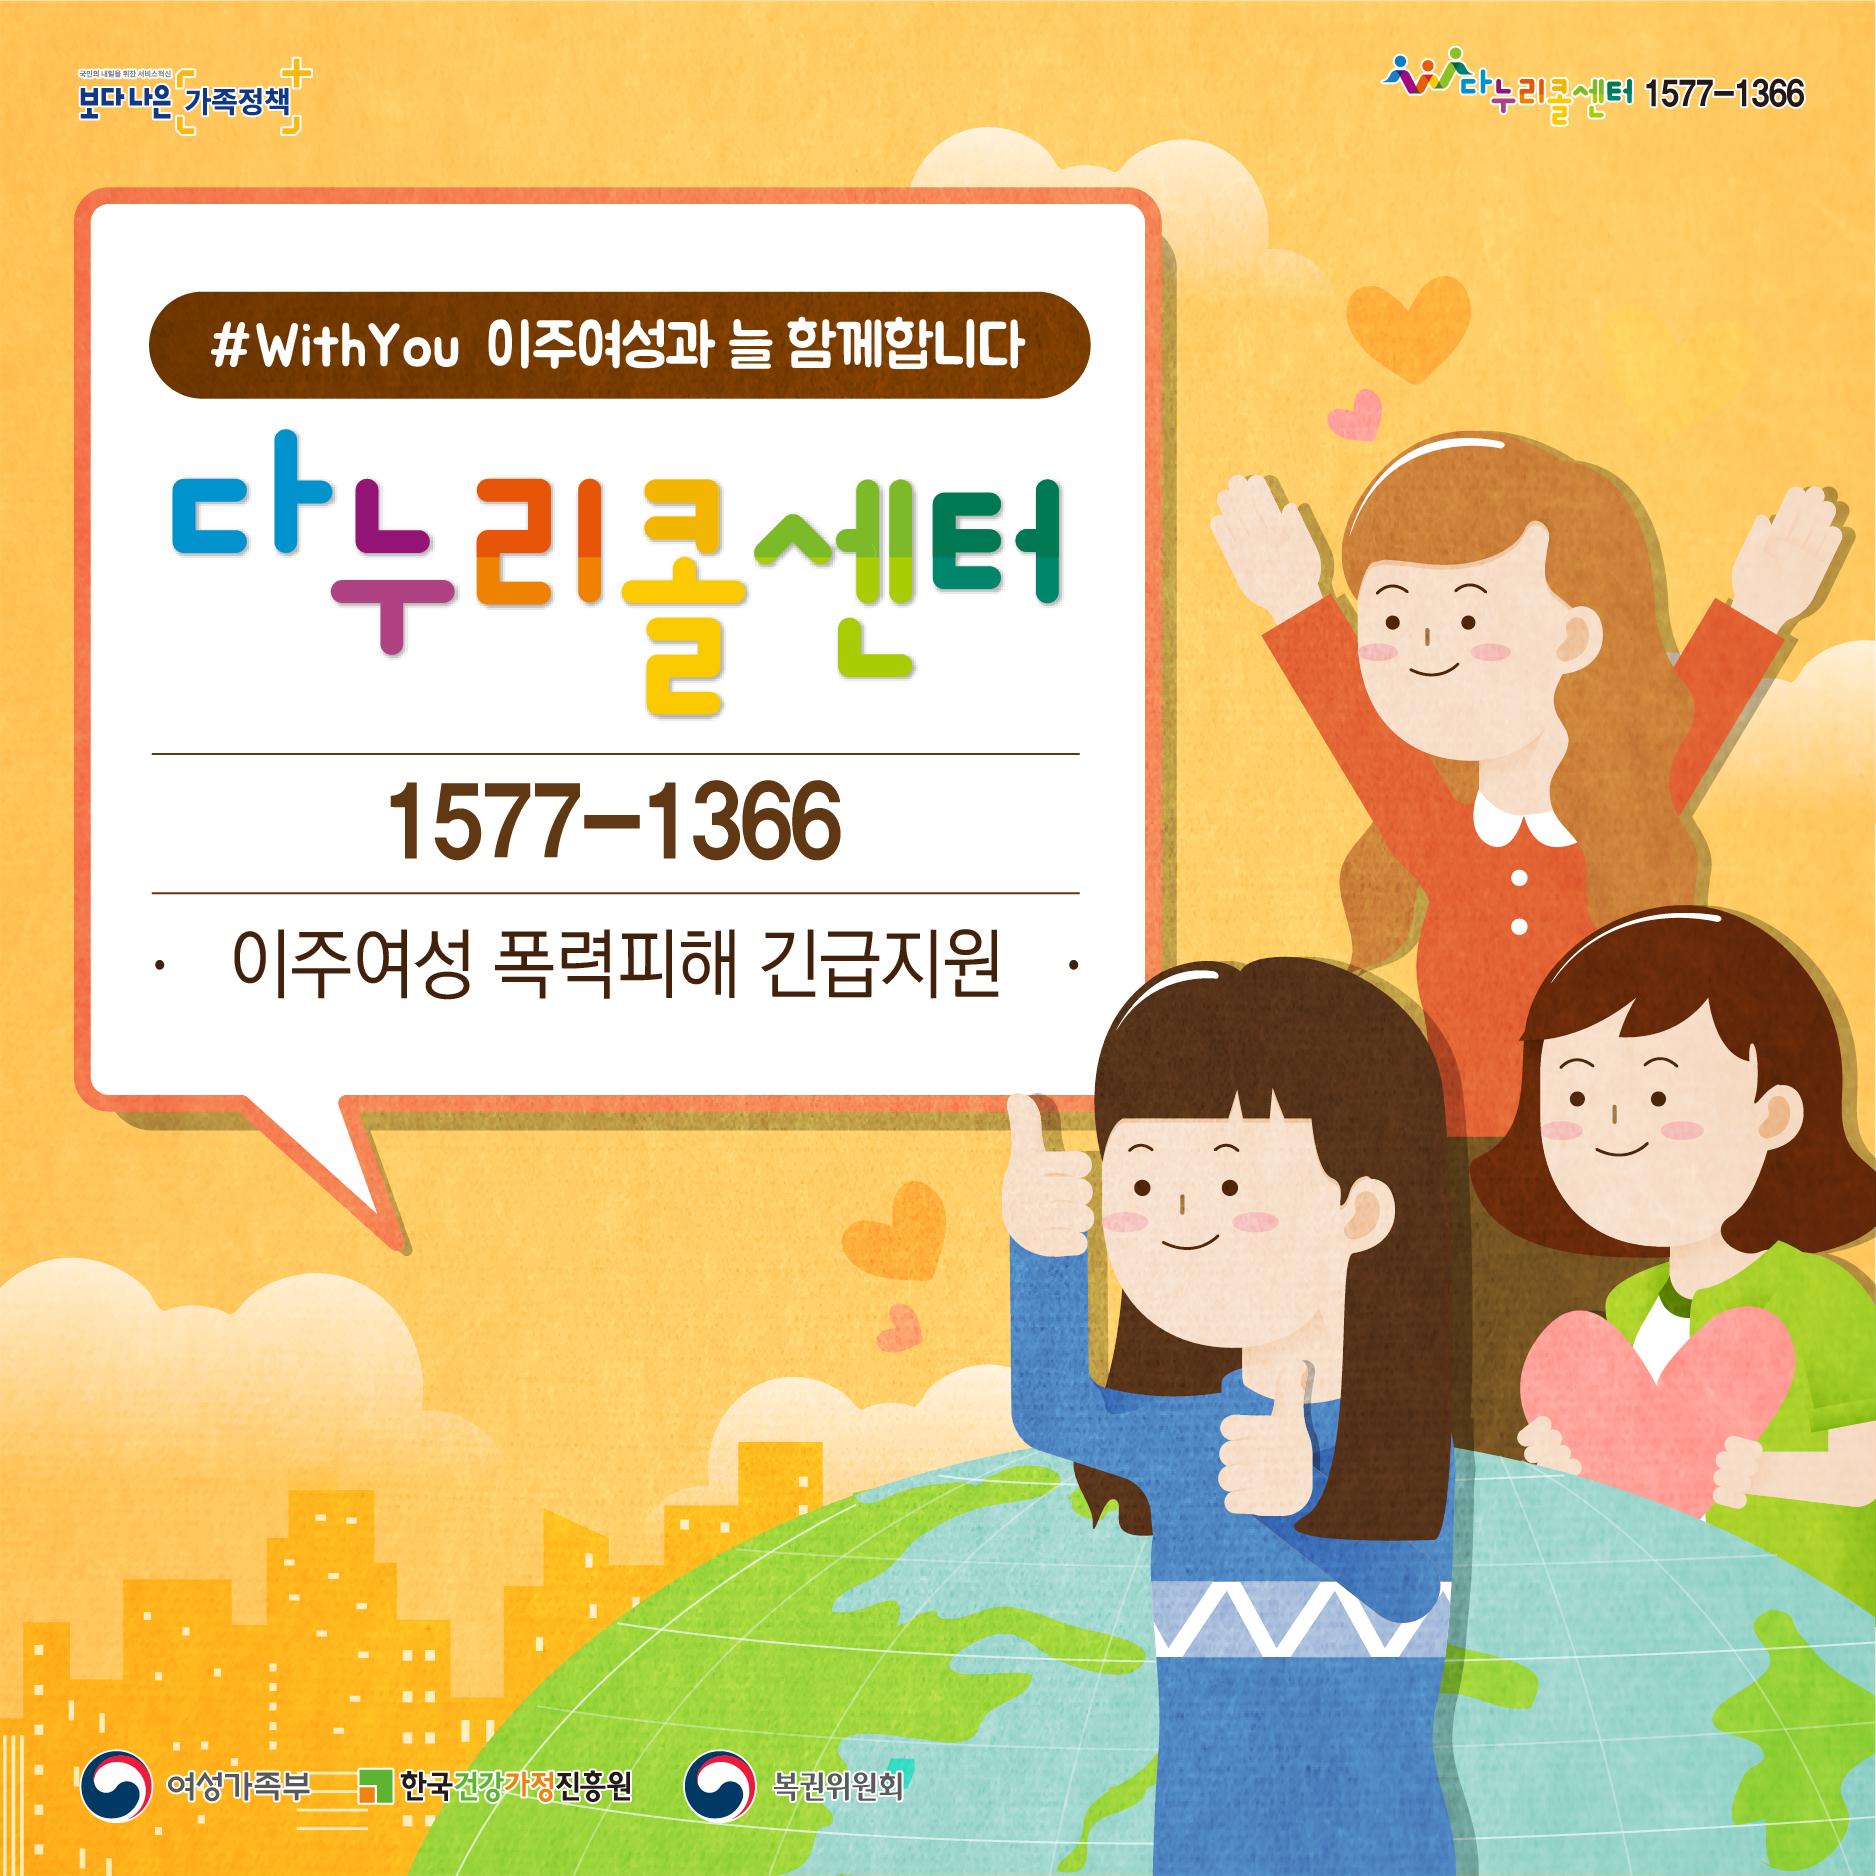 [카드뉴스] 다누리콜센터1577-1366 이주여성 폭력피해 긴급지원 안내(한국어)_1